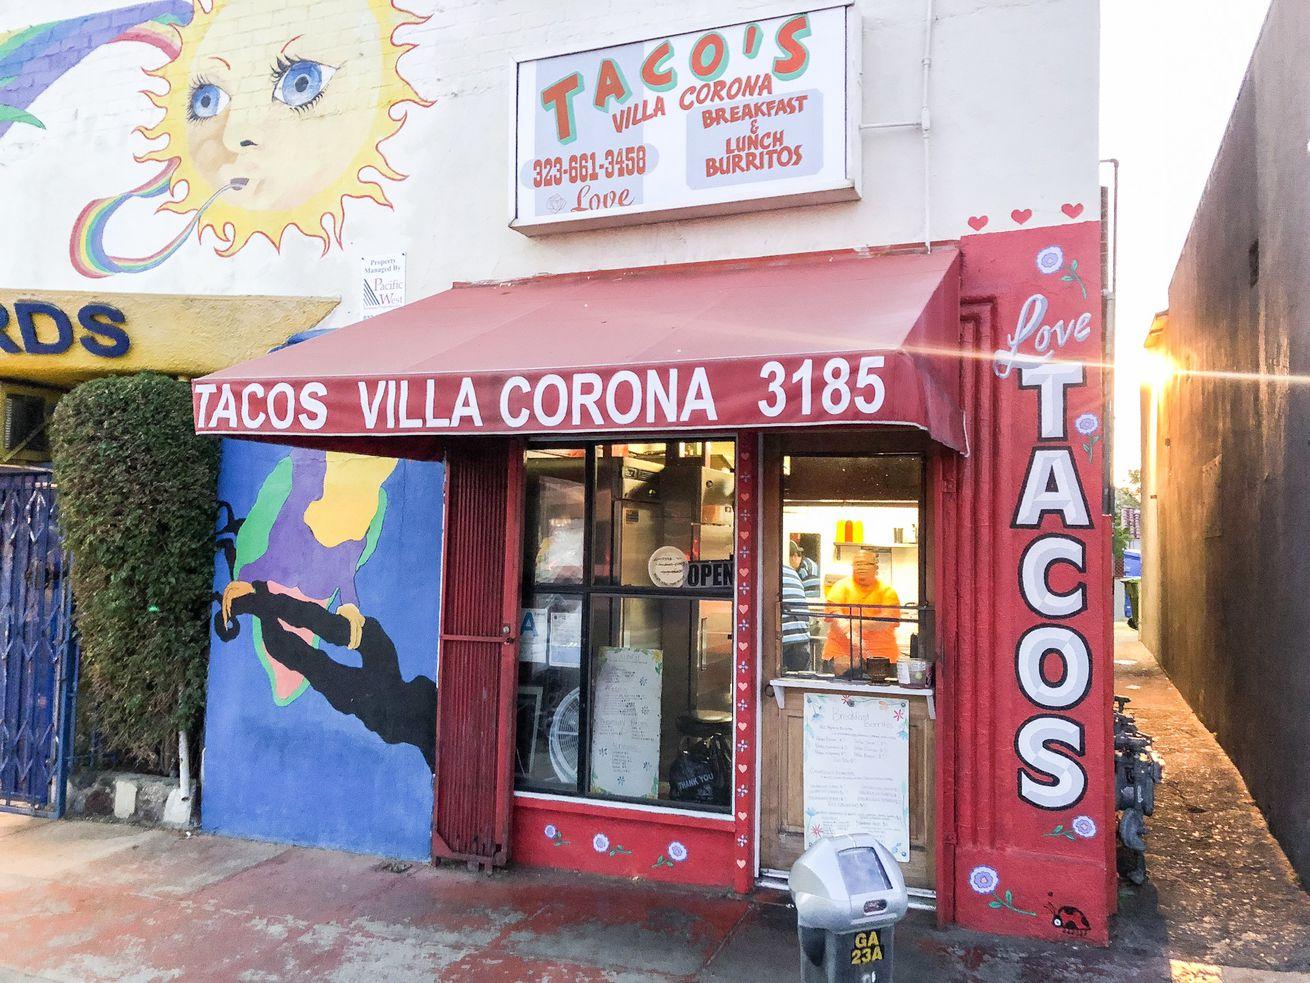 Tacos Villa Corona in Atwater Village